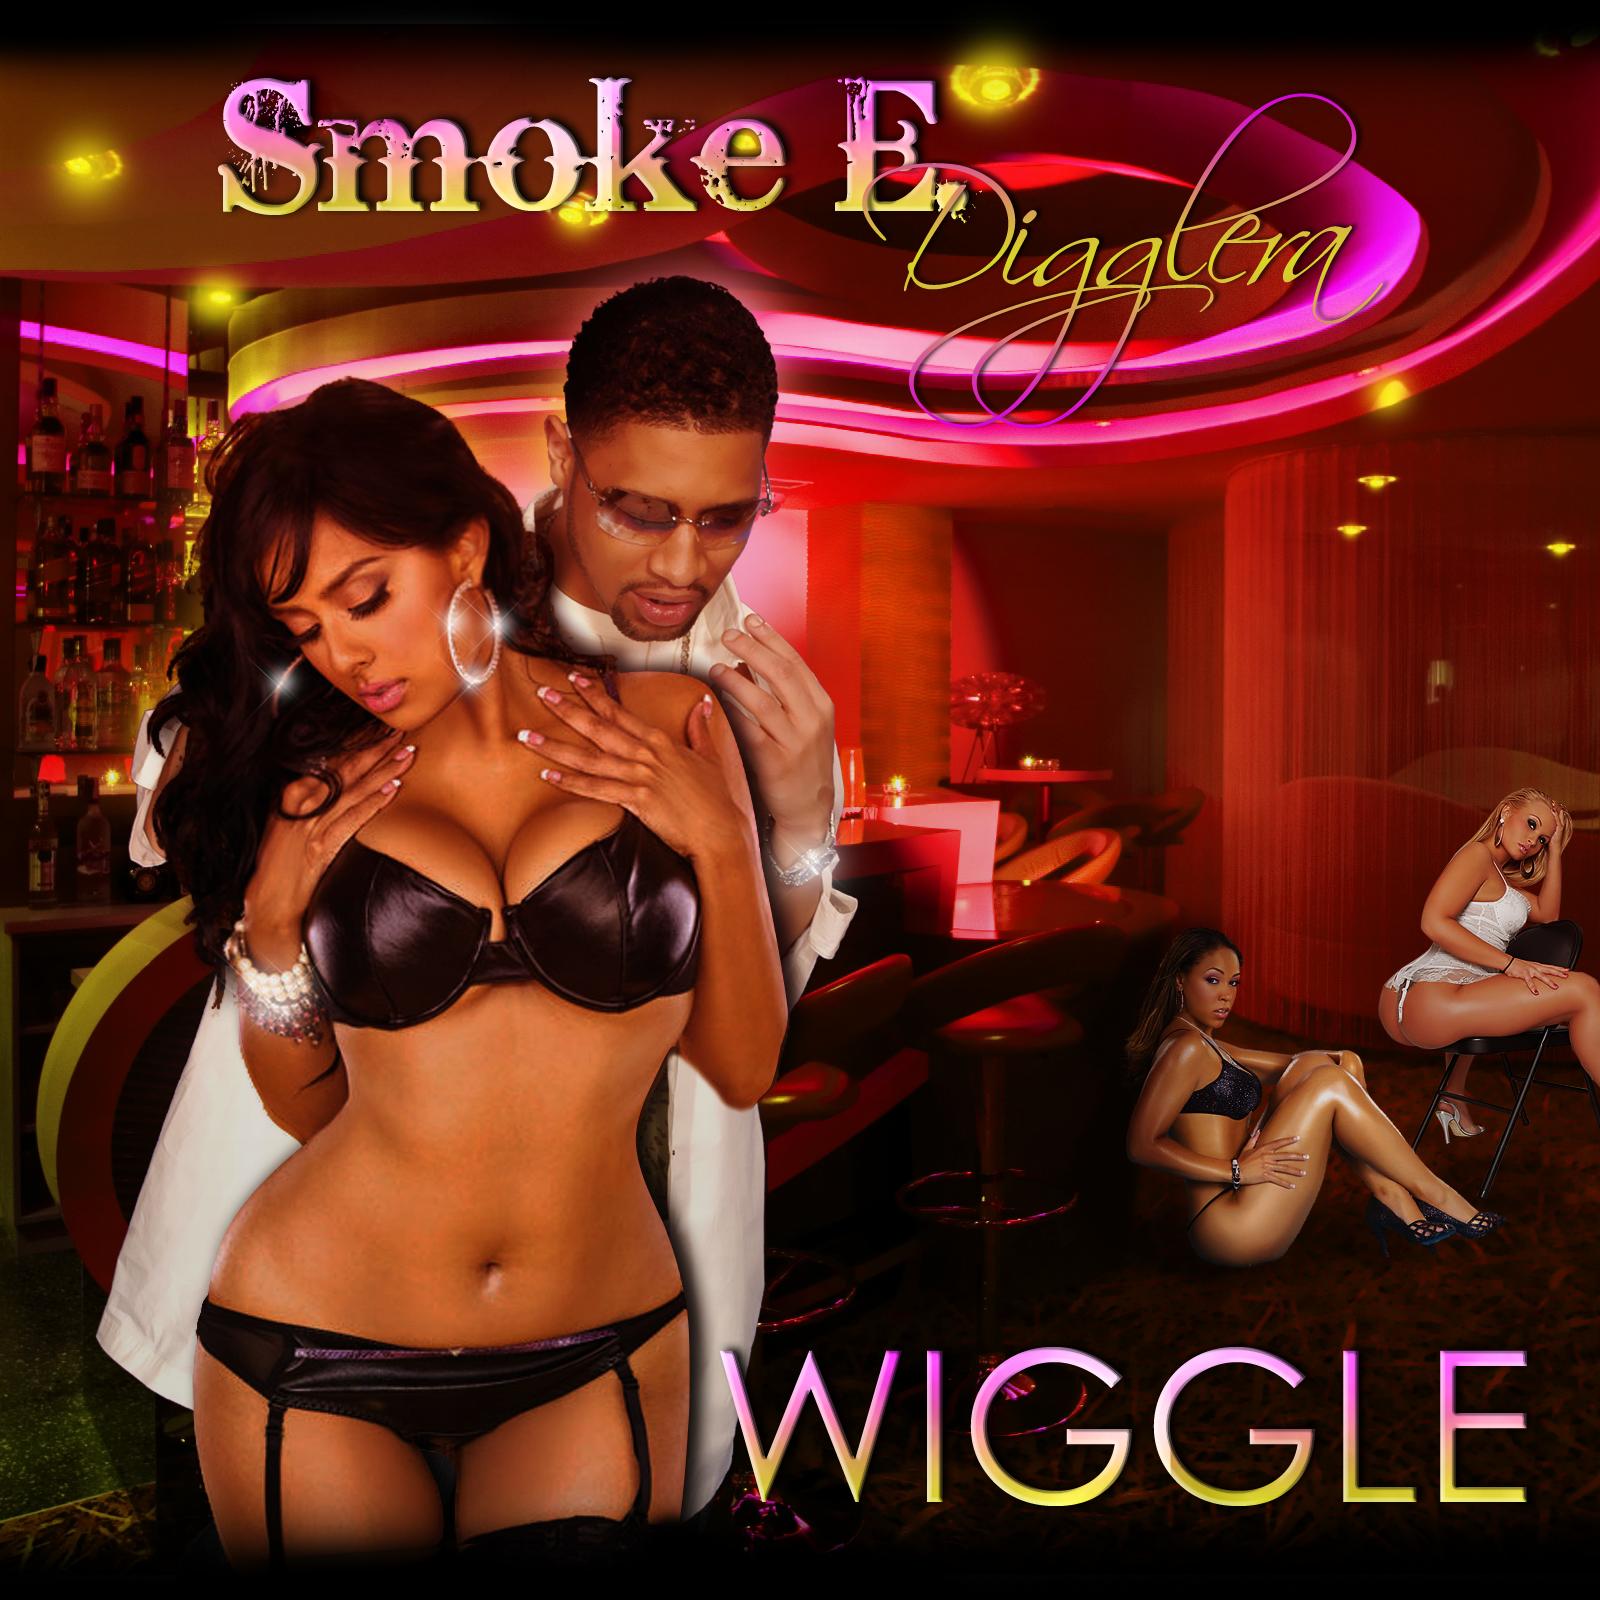 Wiggle by Smoke E. Digglera